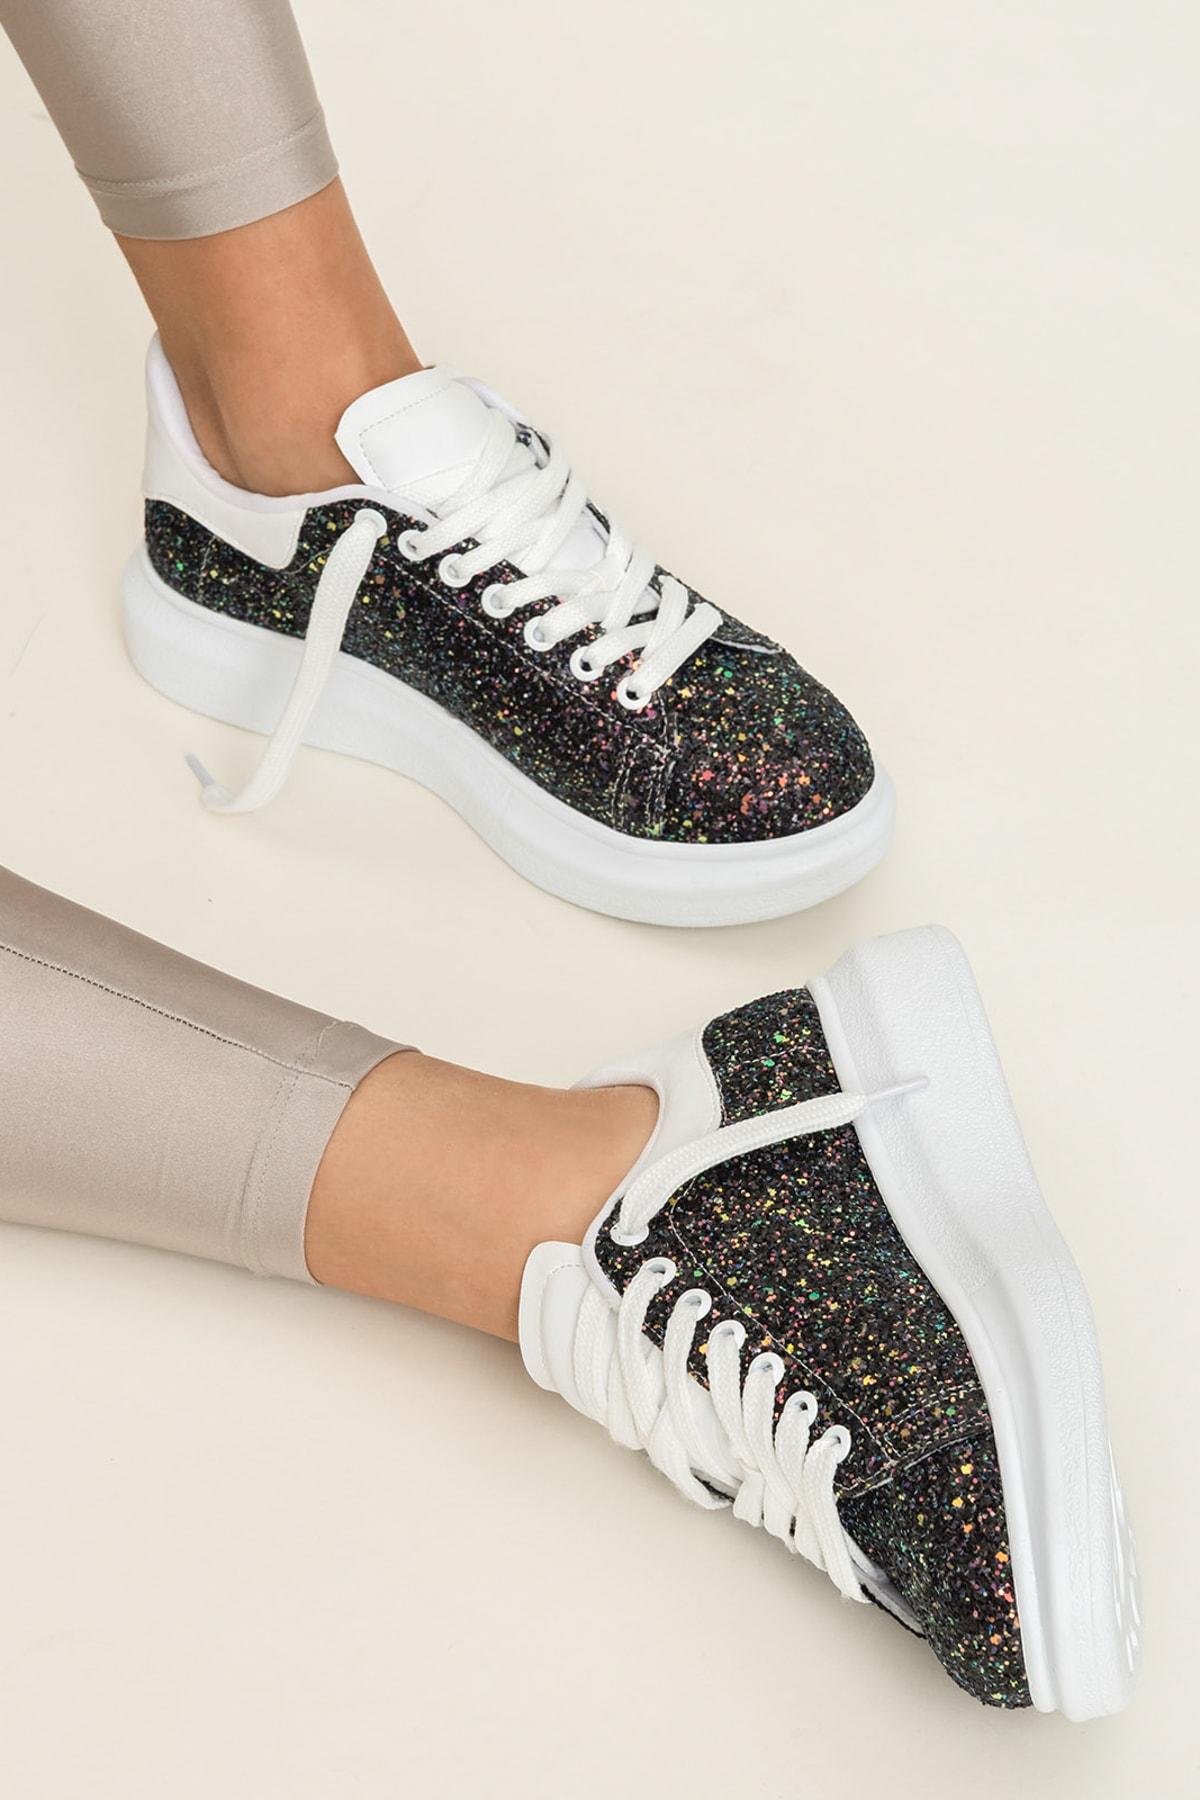 Elle Shoes ZANDA-2 Siyah Gliter Kadın Ayakkabı 1